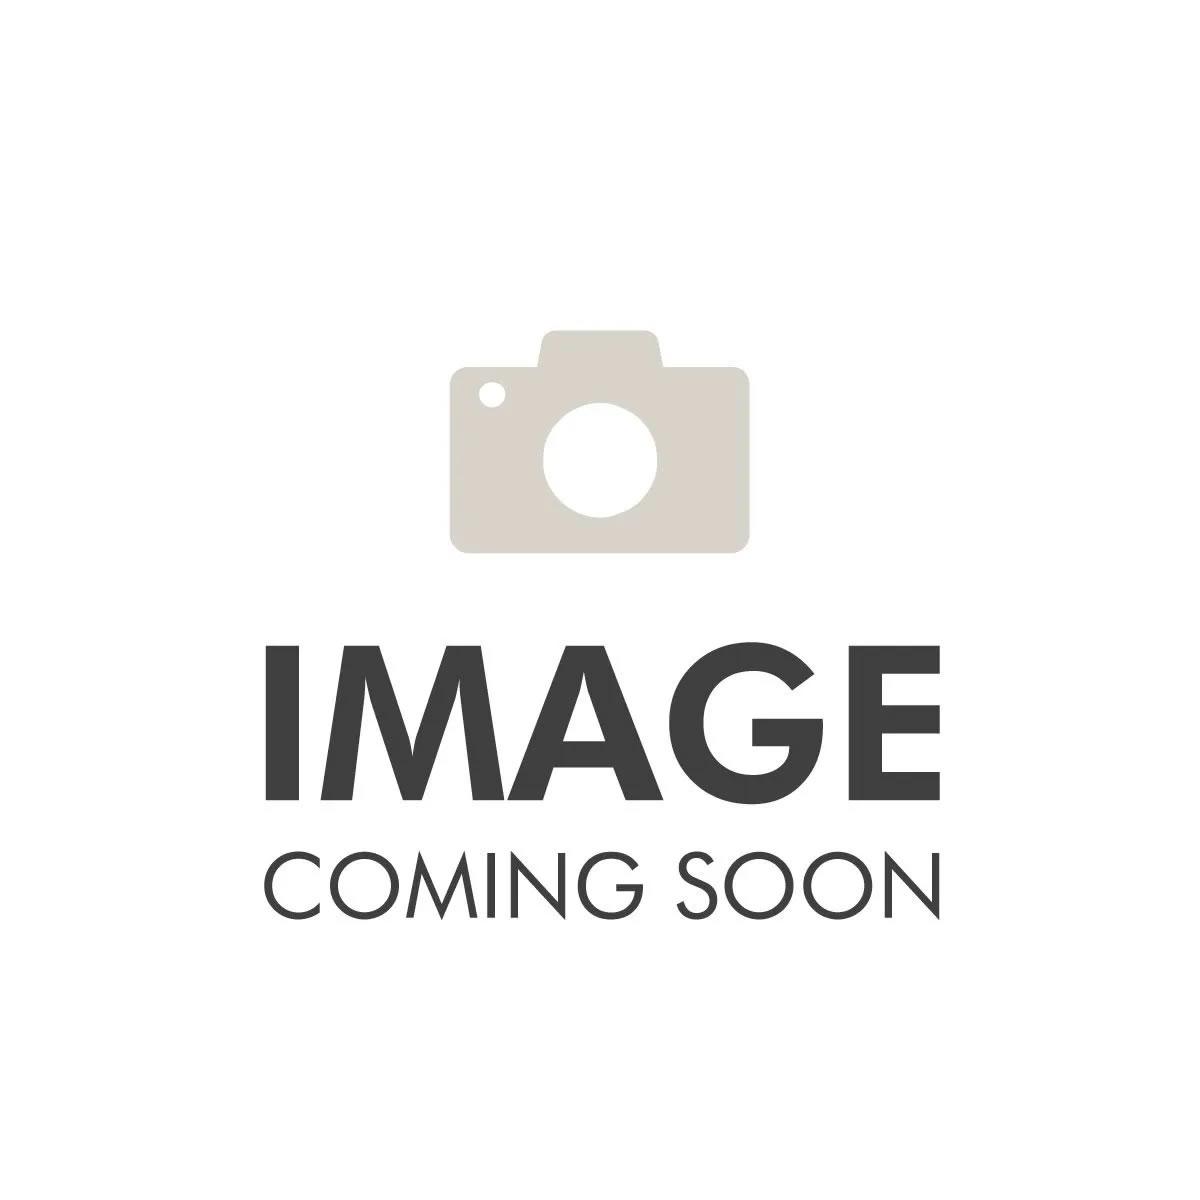 Neoprene Rear Seat Covers 03-06 Jeep TJ Wrangler